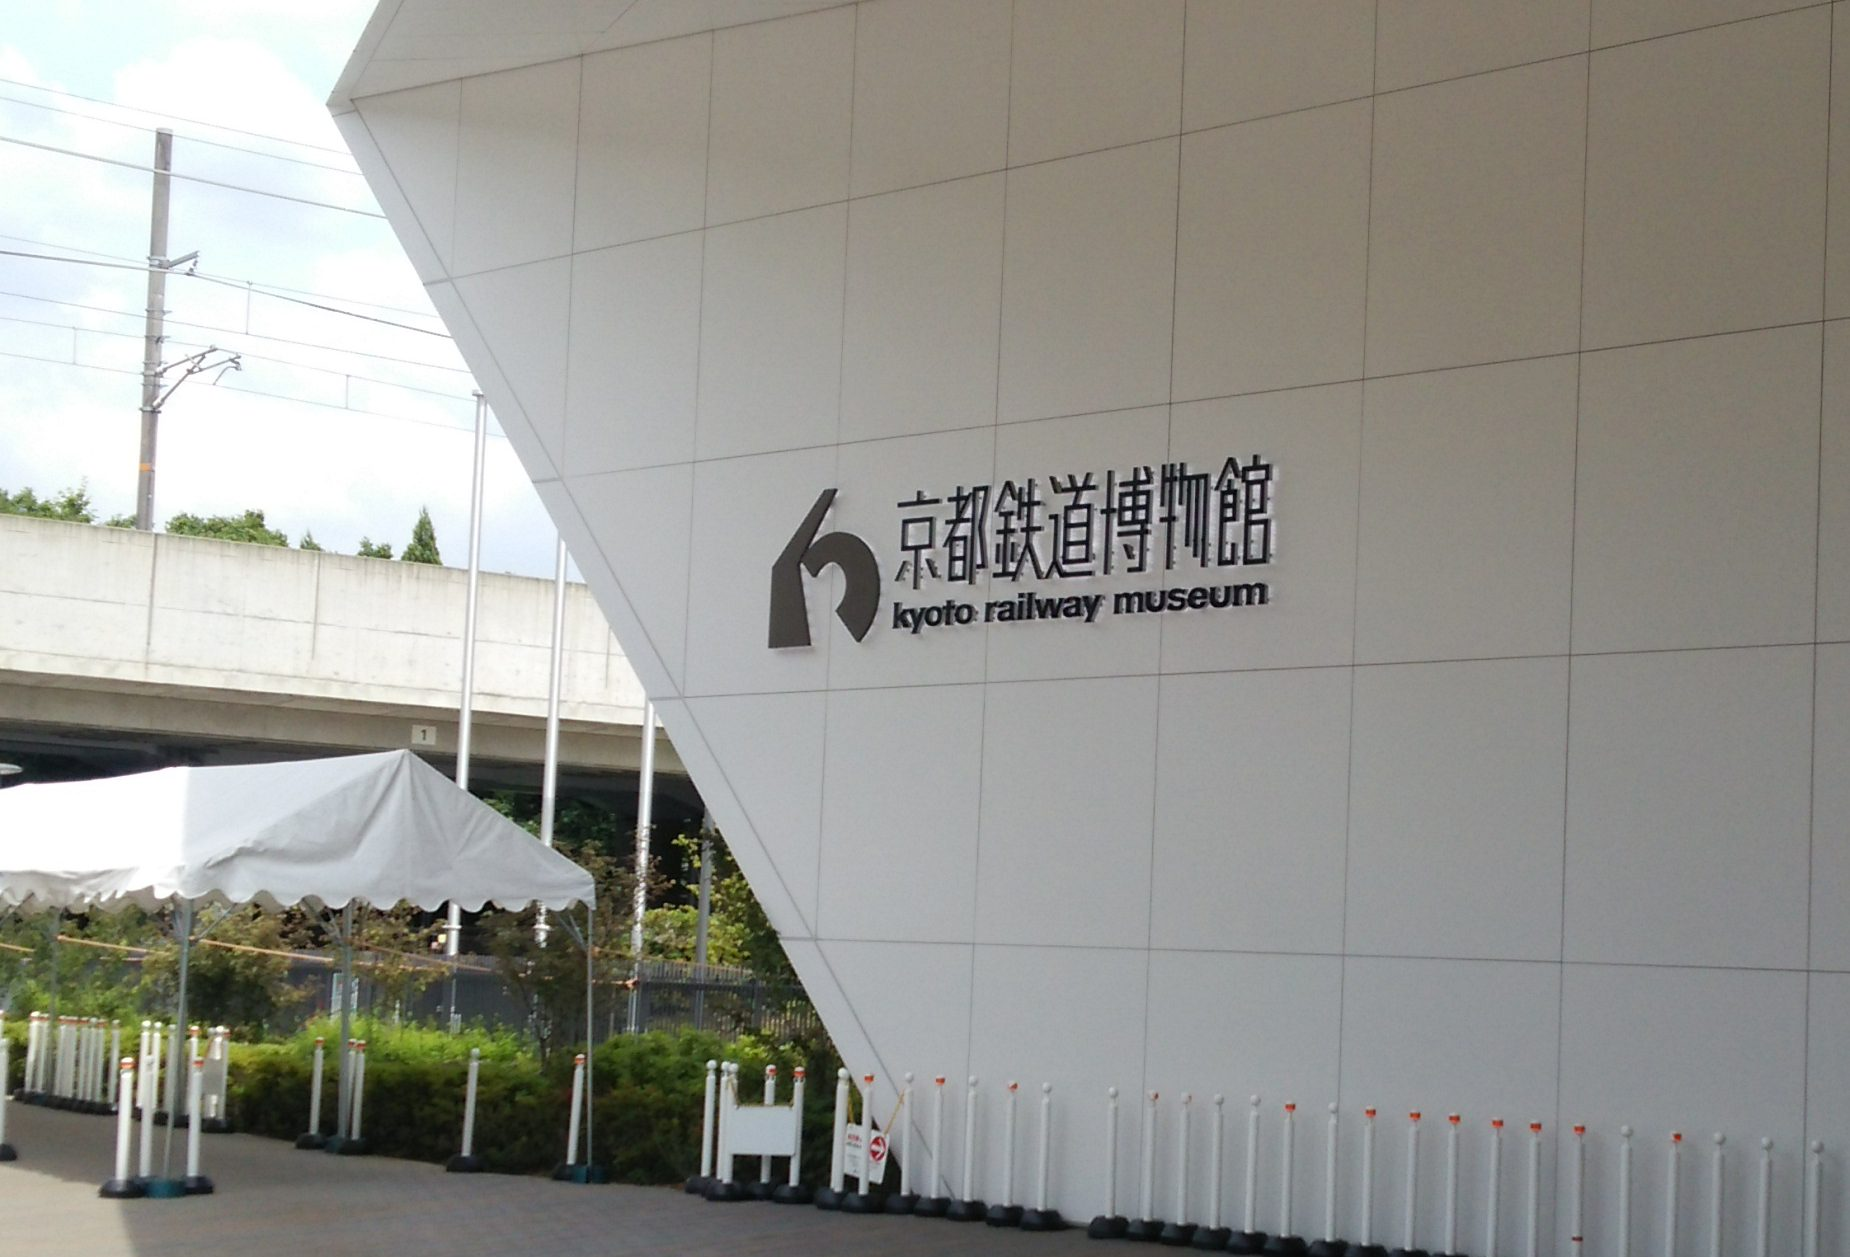 念仏奉仕団2018鉄道博物館